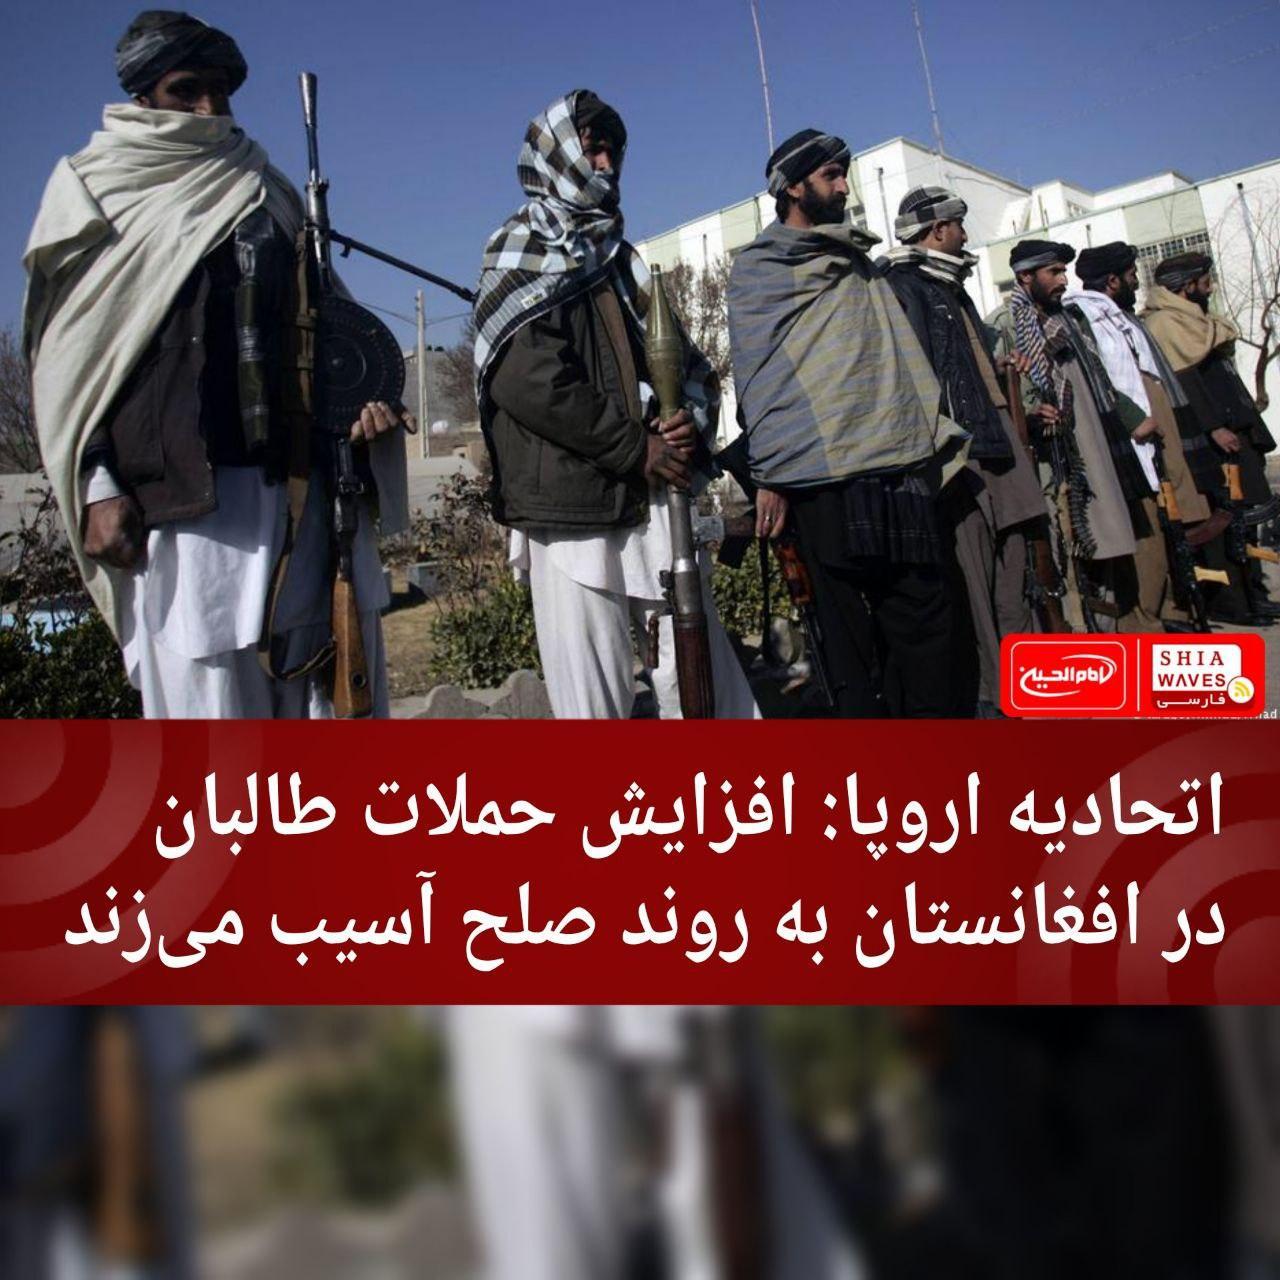 Photo of اتحادیه اروپا: افزایش حملات طالبان در افغانستان به روند صلح آسیب میزند